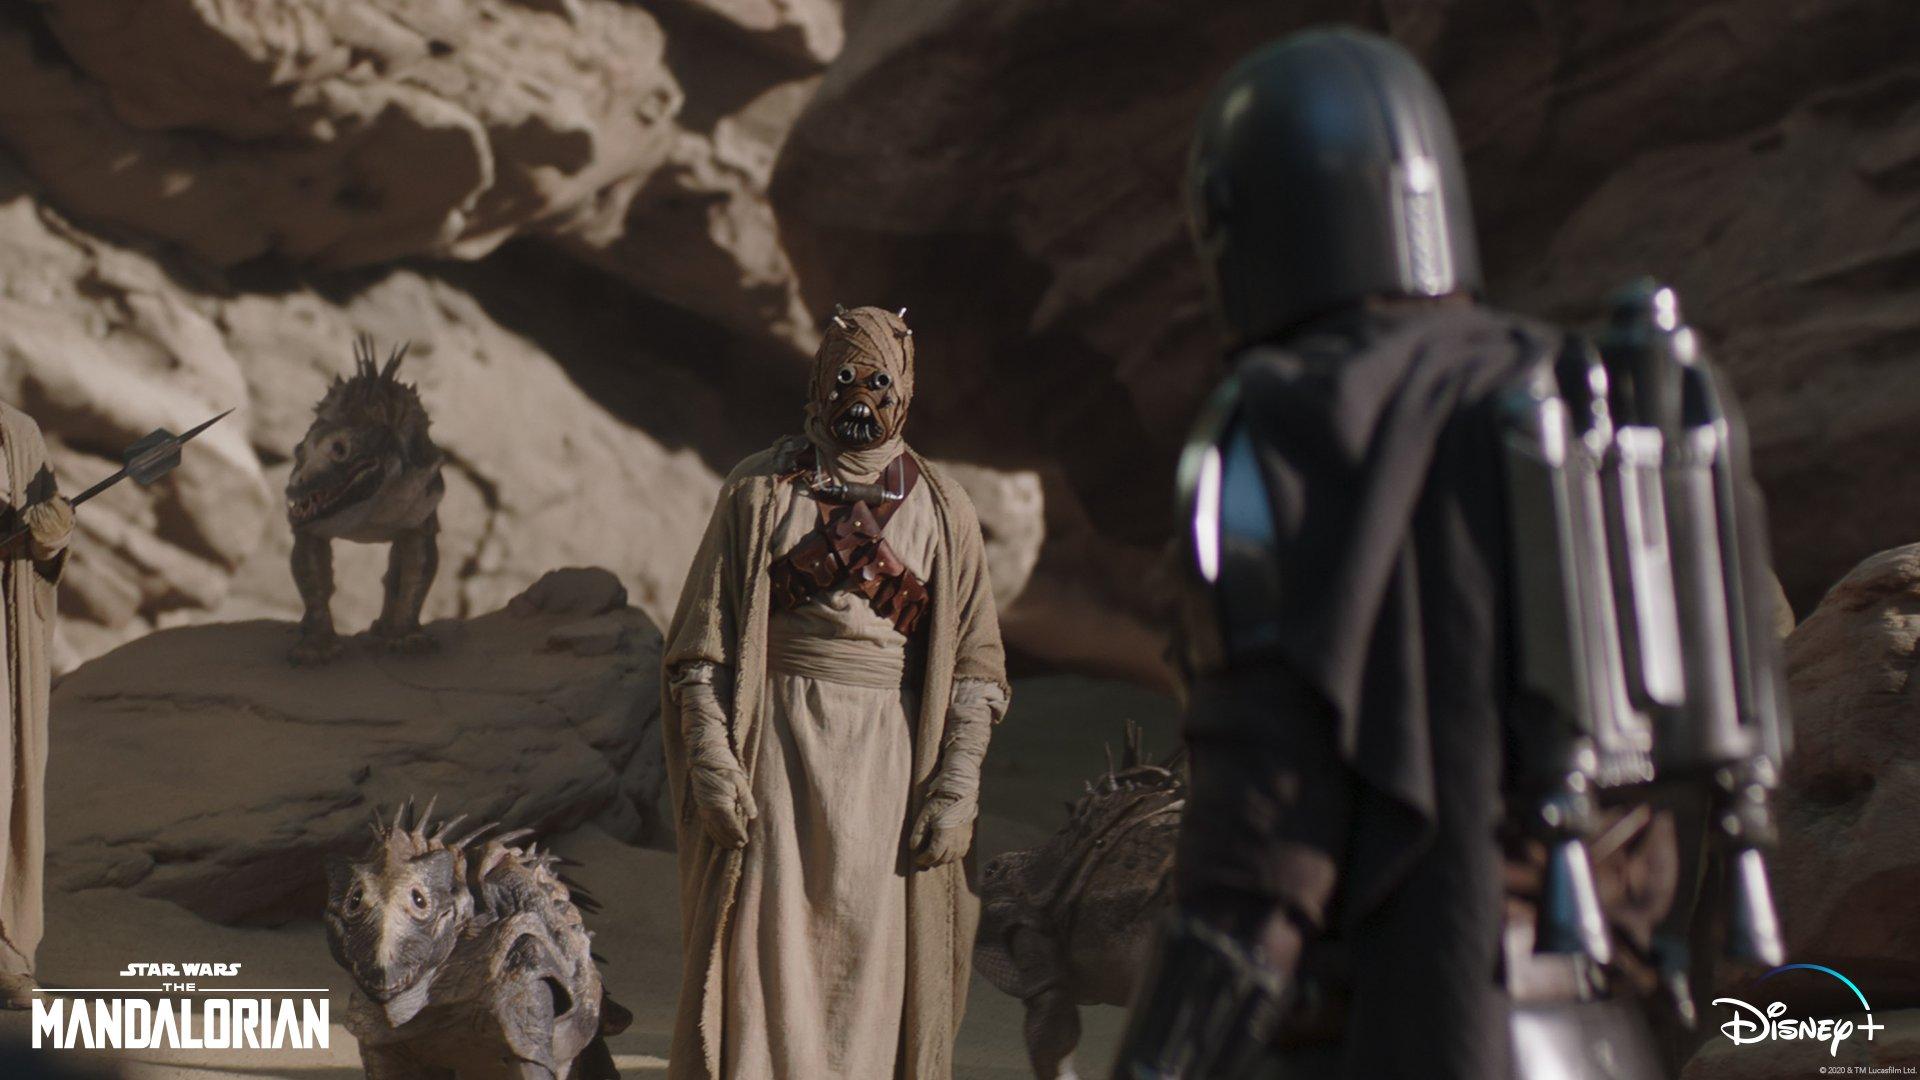 Cena da série The Mandalorian, em que Din Djarin, de costas à direita, conversa com uma criatura do Povo da Areia, que o encara, ao centro. Os dois estão próximos a pedras e há dois animais típicos do Povo, à esquerda.